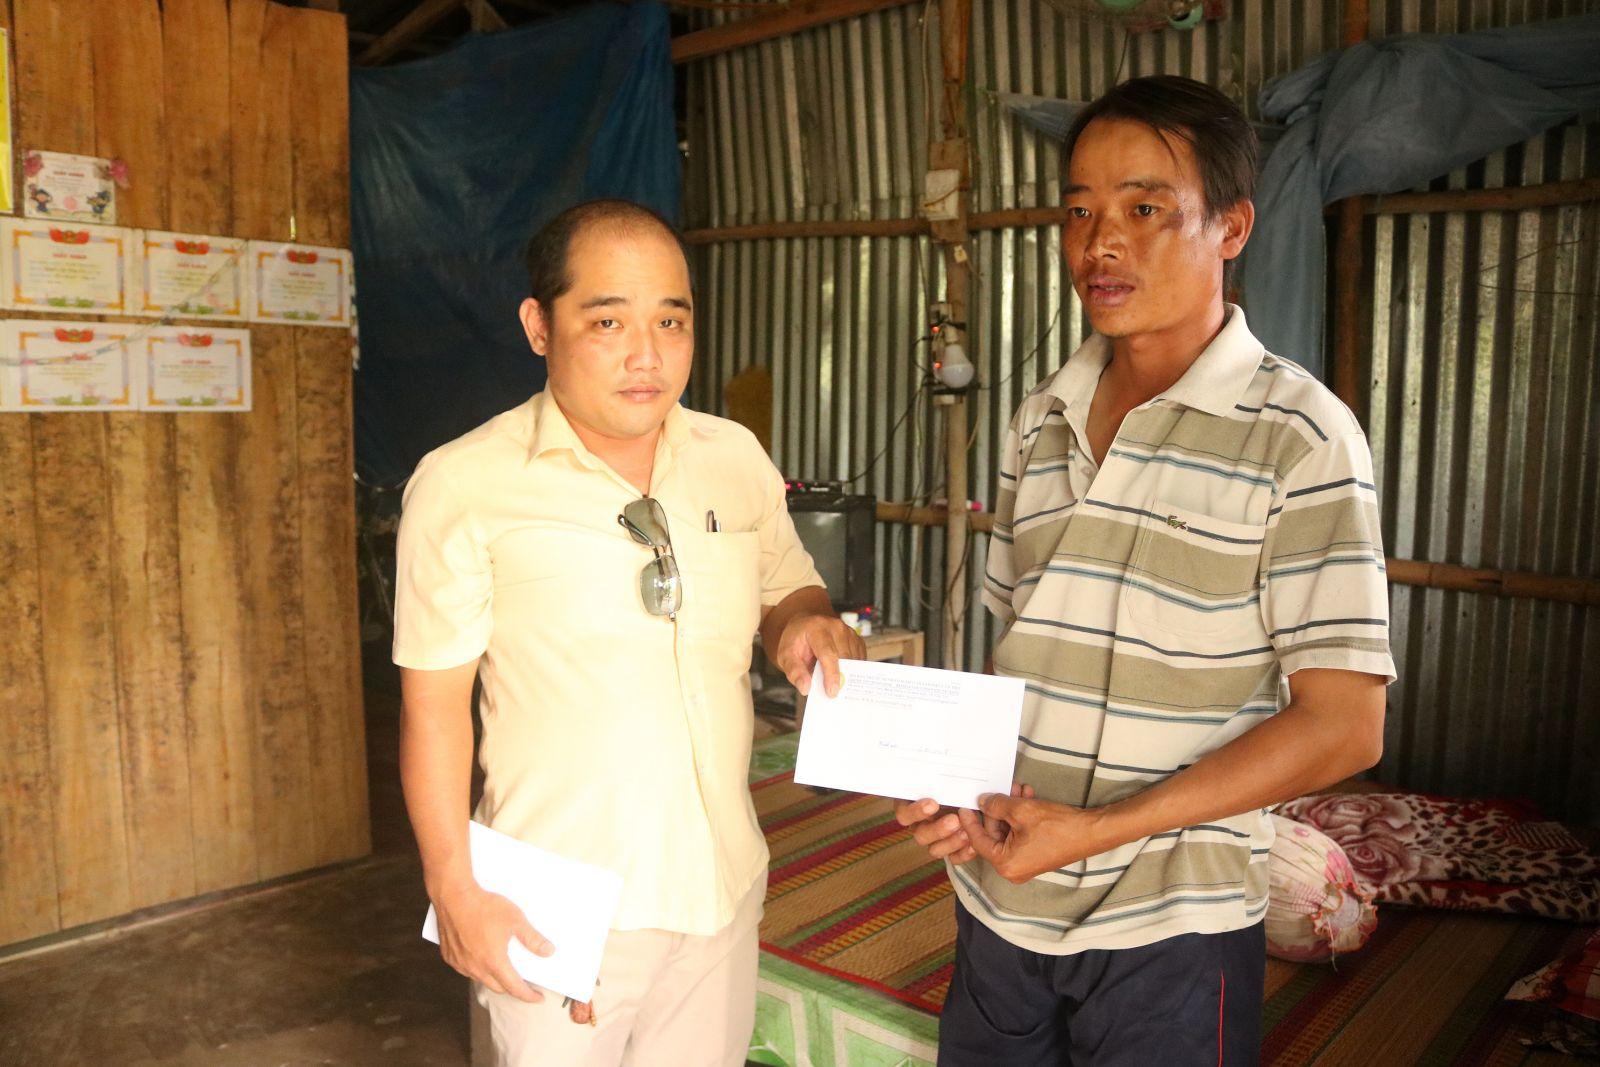 Đại diện Hội Bảo trợ bệnh nhân nghèo TP Cần Thơ trao tiền cho gia đình anh Lâm.